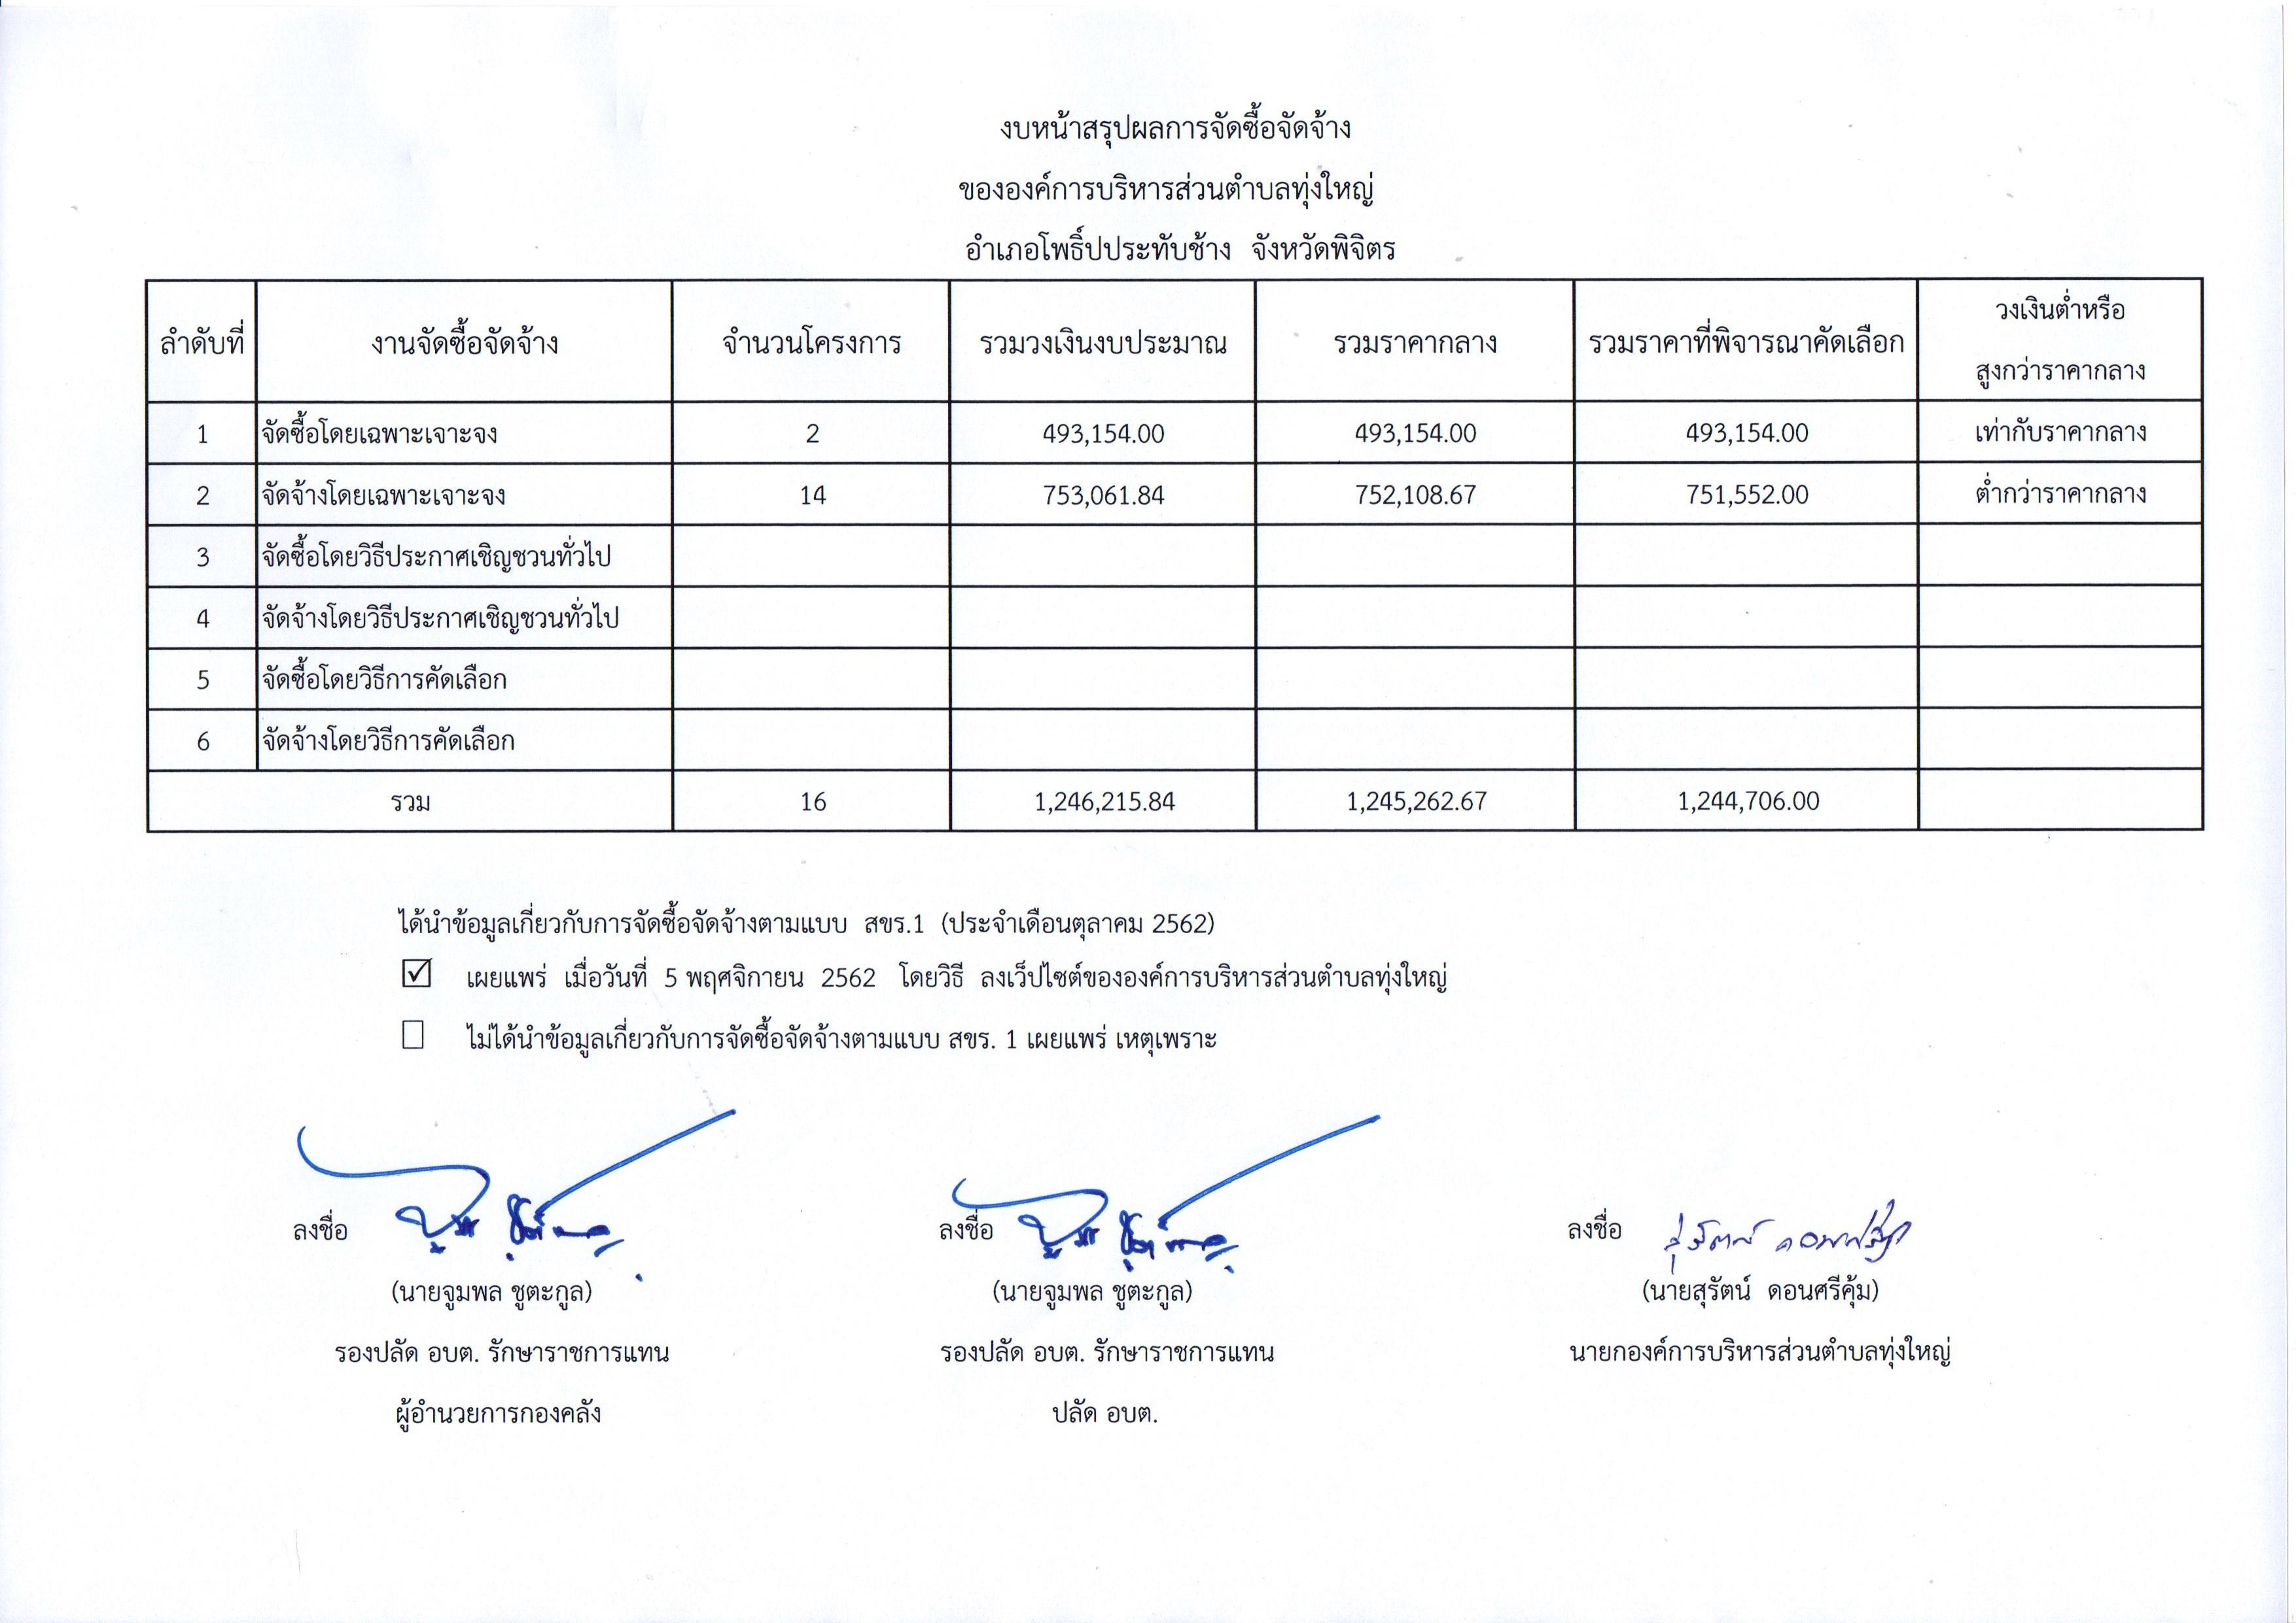 สรุปผลจัดซื้อจัดจ้าง เดือน ตุลาคม 2562